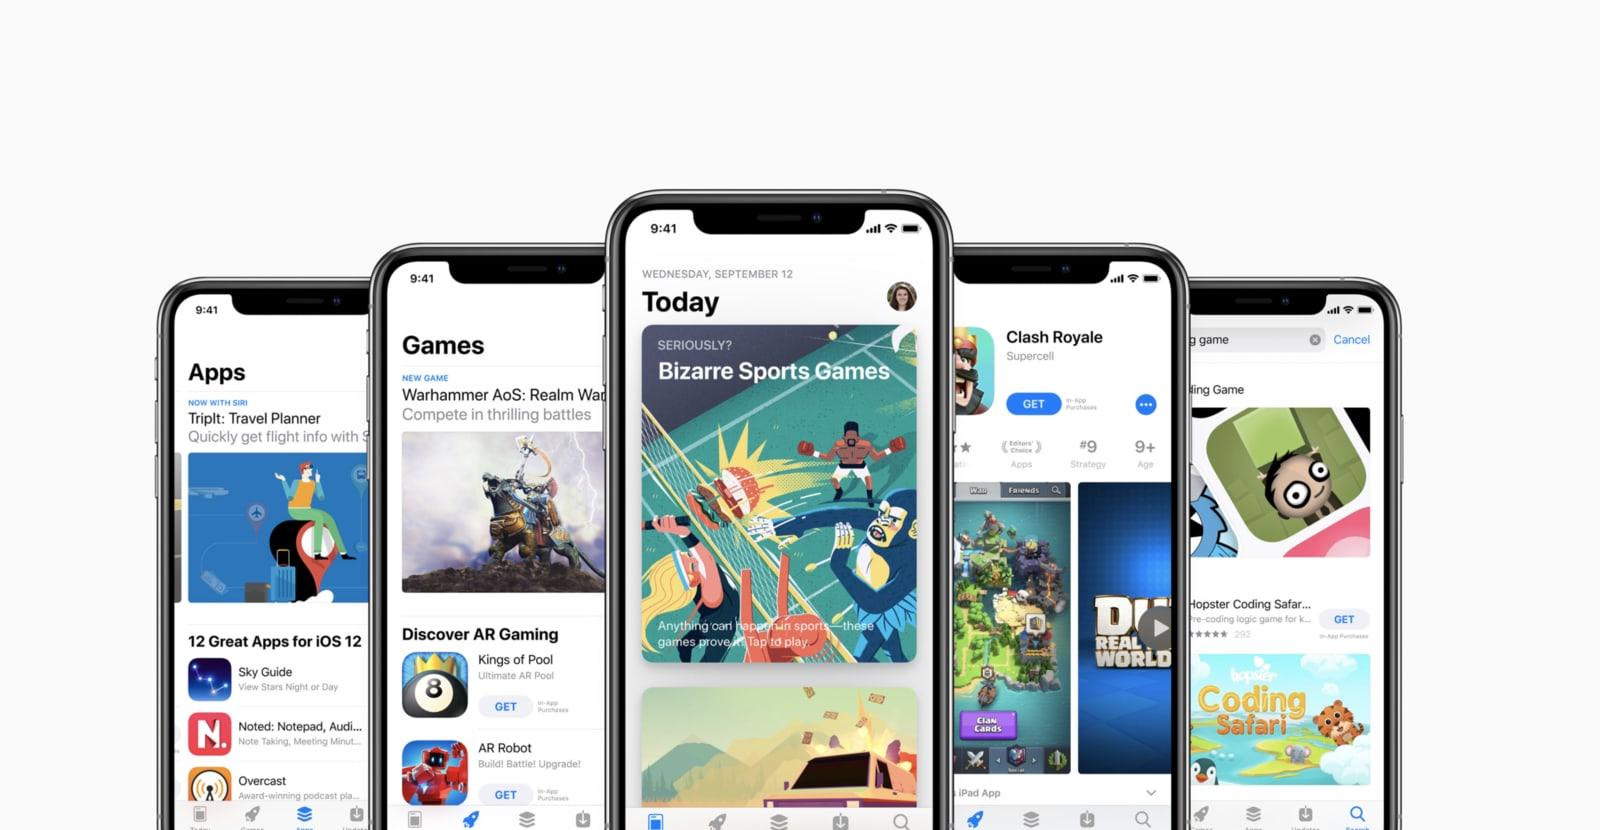 Apple mở kho ứng dụng App Store tại 20 quốc gia mới trong năm nay